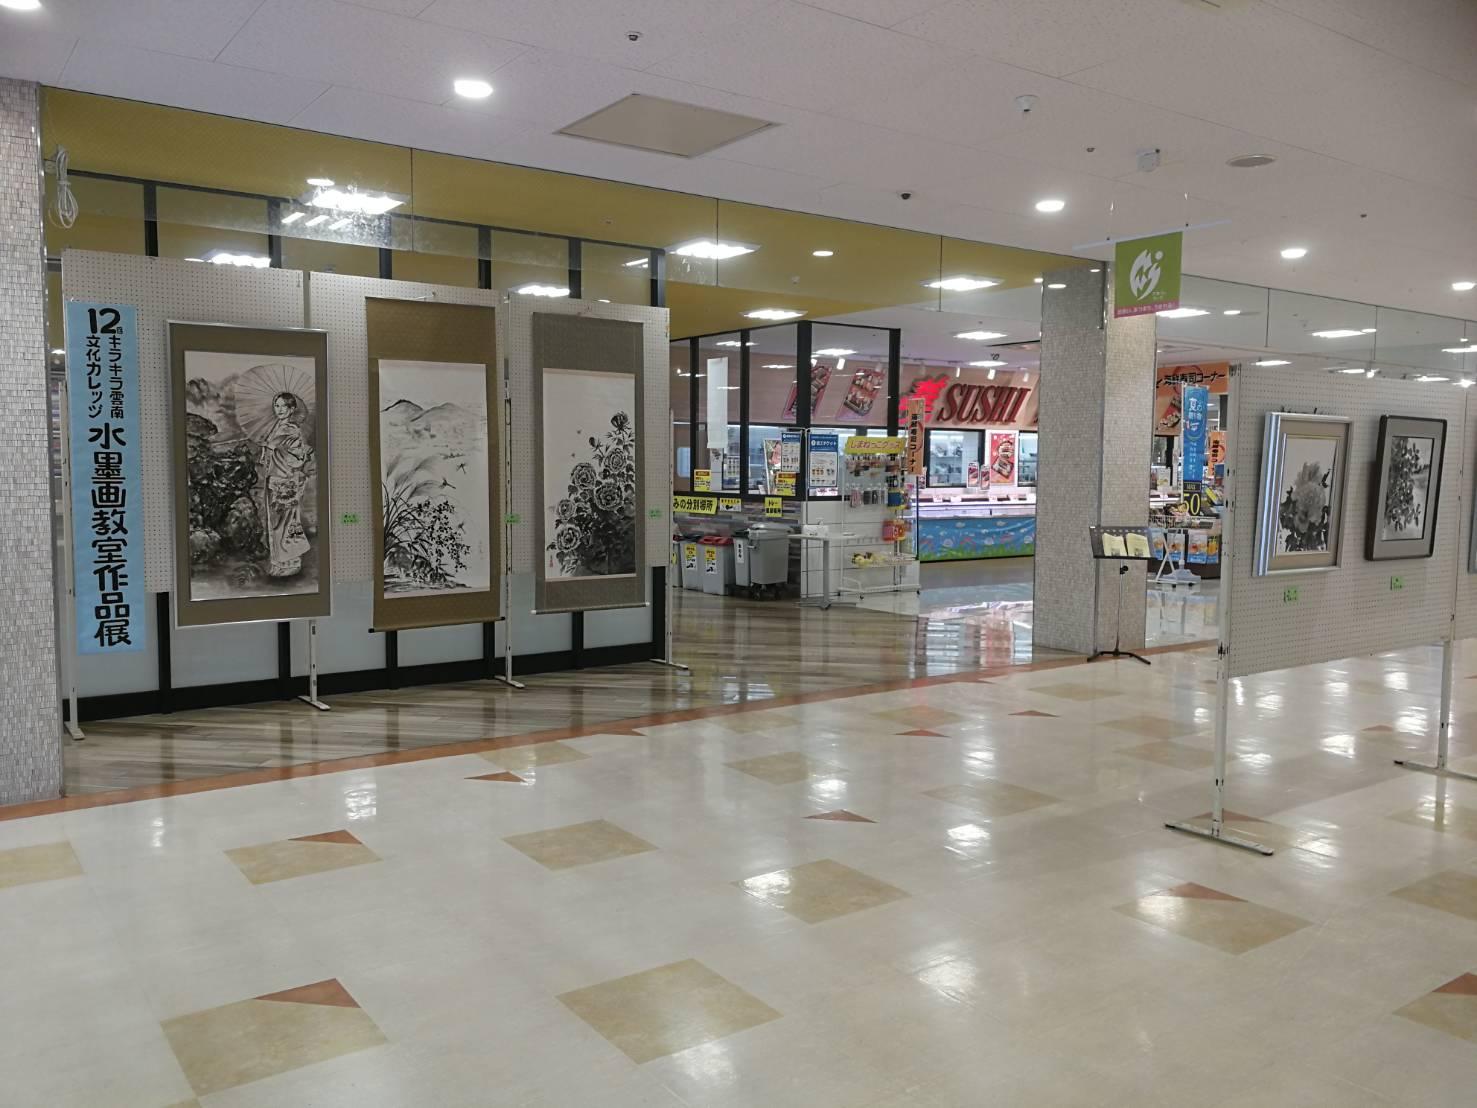 キラキラ雲南文化カレッジ 第12回水墨画教室作品展